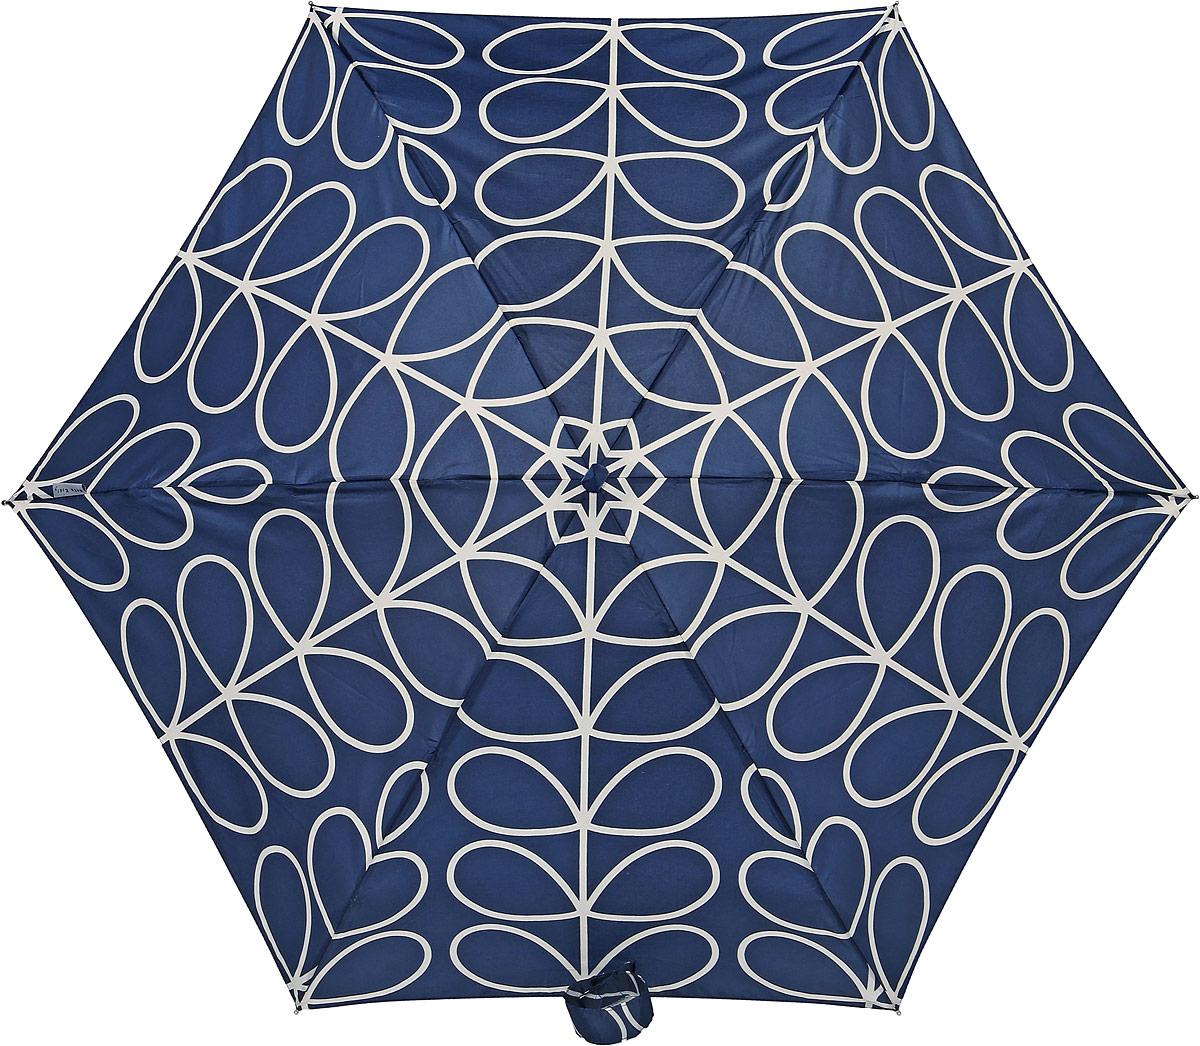 Зонт женский Orla Kiely Tiny, механический, 5 сложений, цвет: темно-синий, бежевый. L744-2778K50K503414_0010Стильный механический зонт Orla Kiely Tiny в 5 сложений даже в ненастную погоду позволит вам оставаться элегантной. Облегченный каркас зонта выполнен из 6 спиц из фибергласса и алюминия, стержень также изготовлен из алюминия, удобная рукоятка - из дерева. Купол зонта выполнен из прочного полиэстера. В закрытом виде застегивается хлястиком на липучке. Яркий оригинальный рисунок в виде оригинальных листьев поднимет настроение в дождливый день.Зонт механического сложения: купол открывается и закрывается вручную до характерного щелчка.На рукоятке для удобства есть небольшой шнурок, позволяющий надеть зонт на руку тогда, когда это будет необходимо. К зонту прилагается чехол, который оформлен нашивкой с названием бренда. Такой зонт компактно располагается в кармане, сумочке, дверке автомобиля.